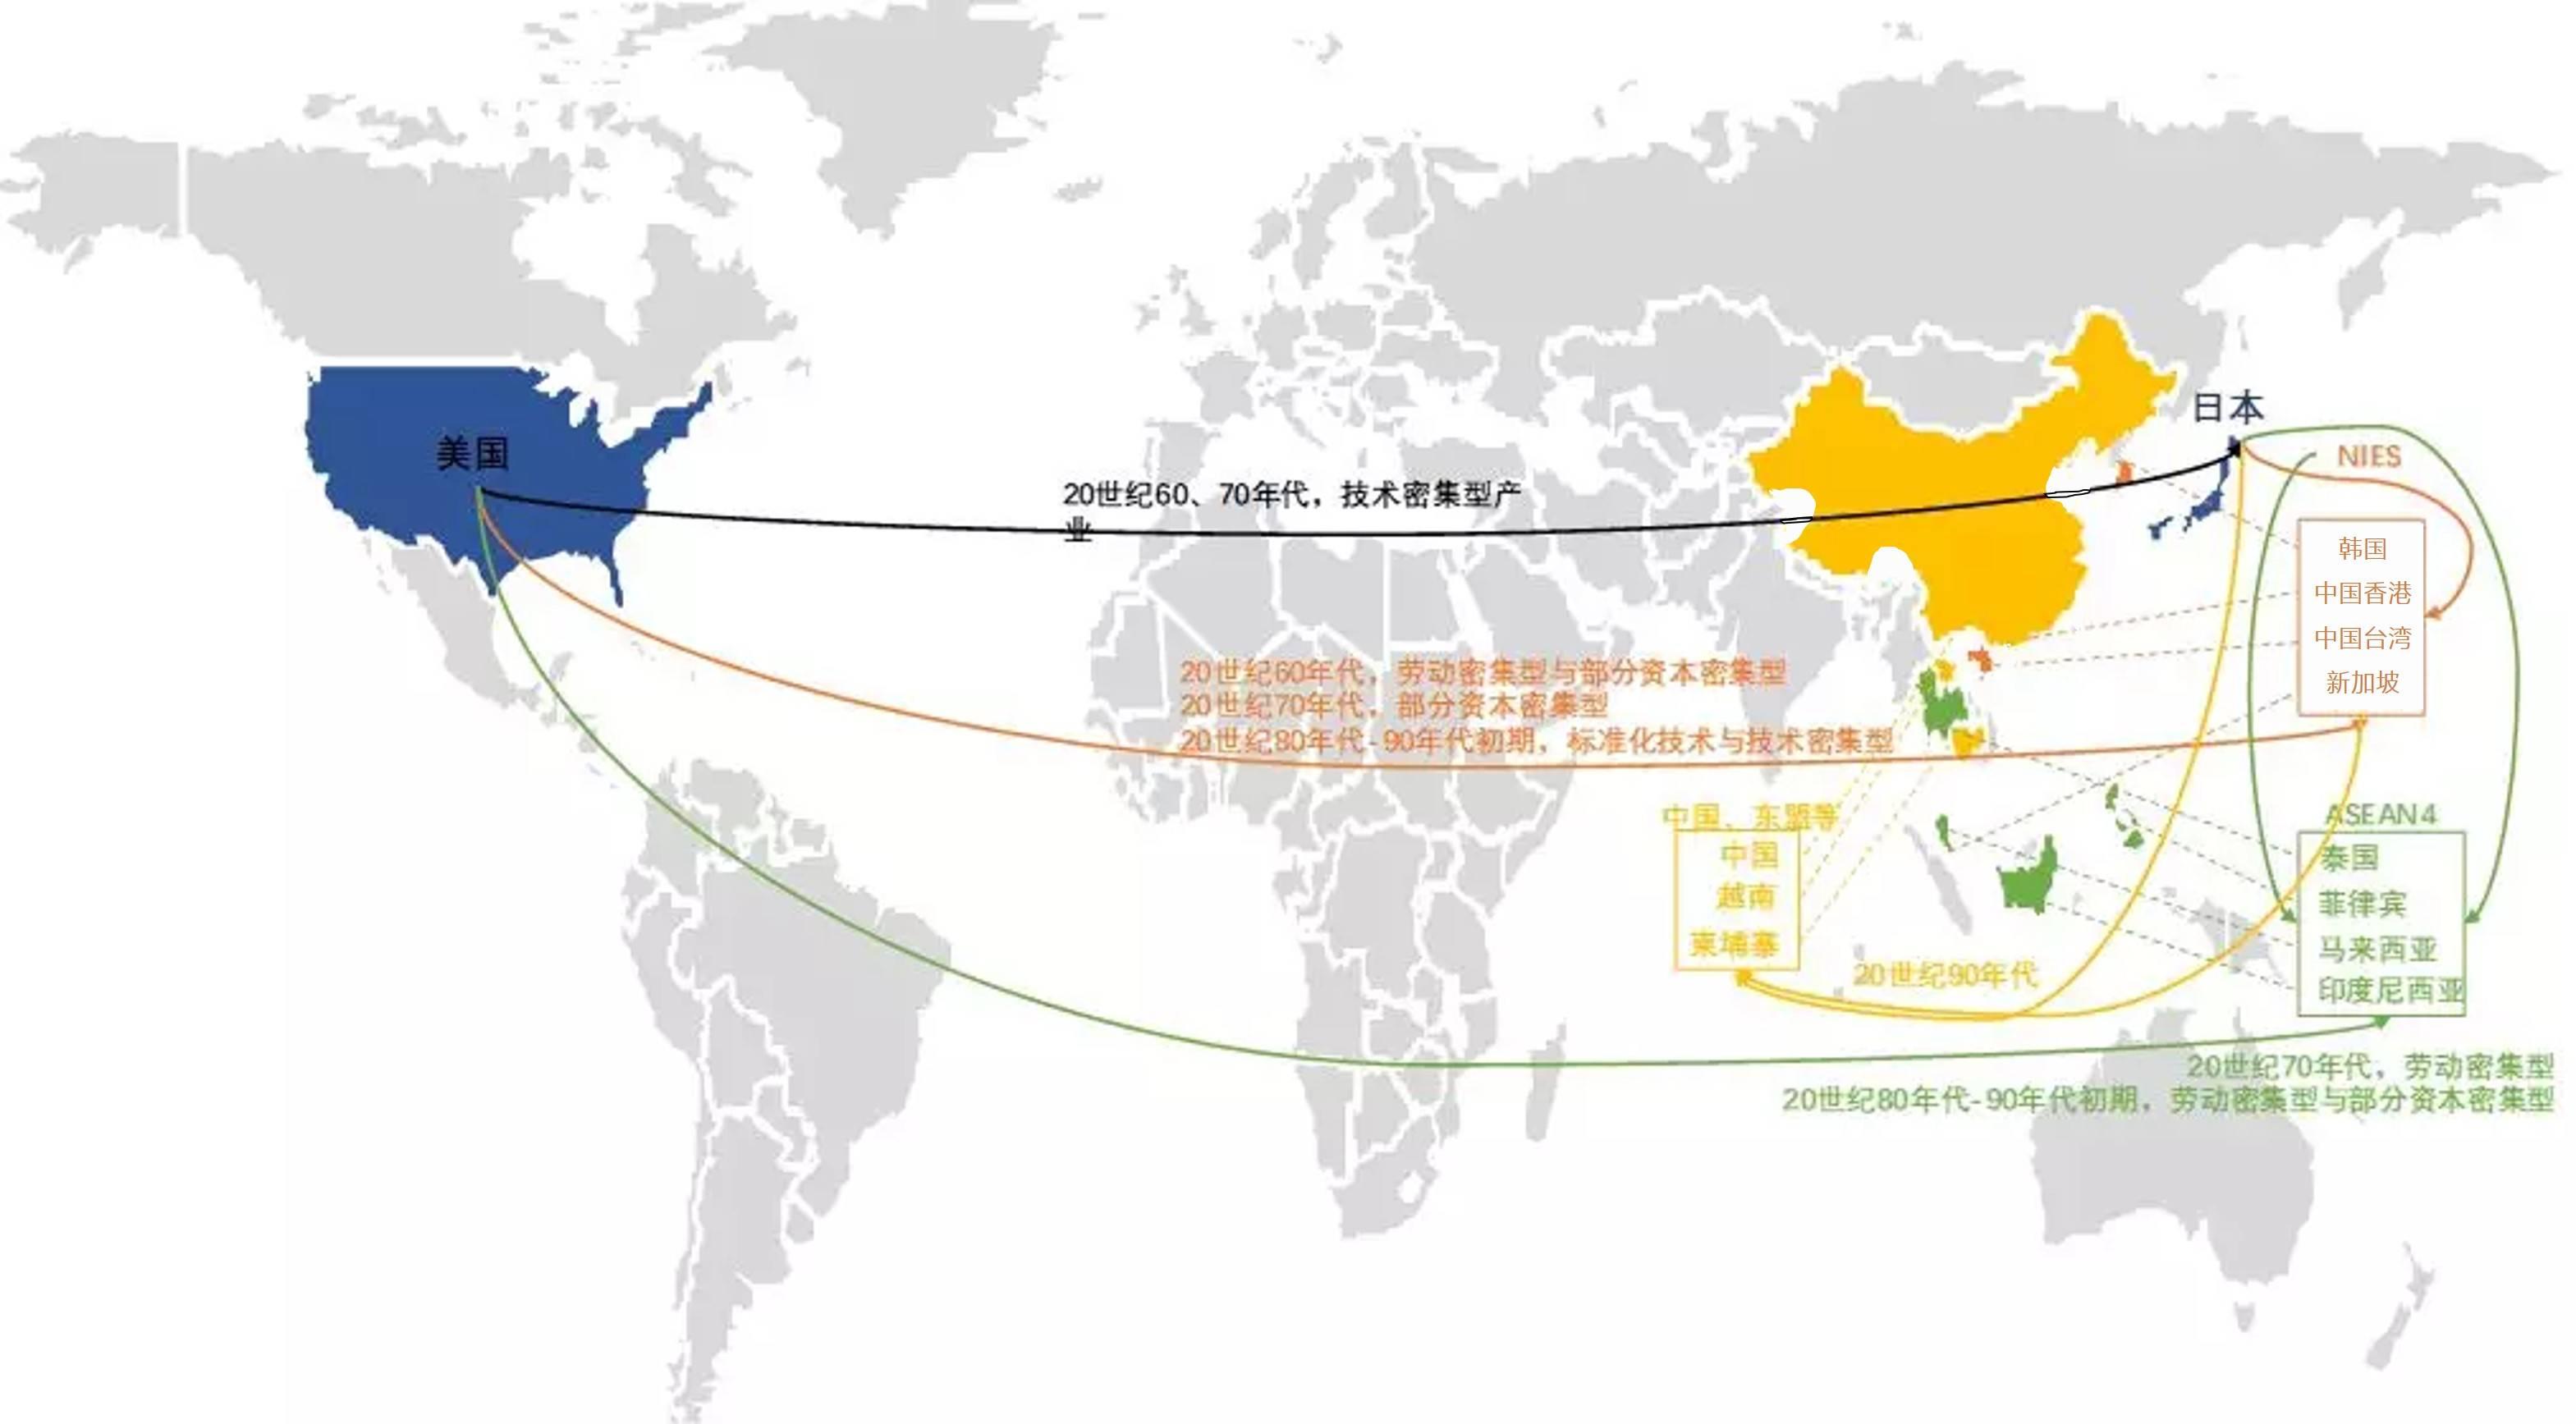 世界产业链迁移示意图